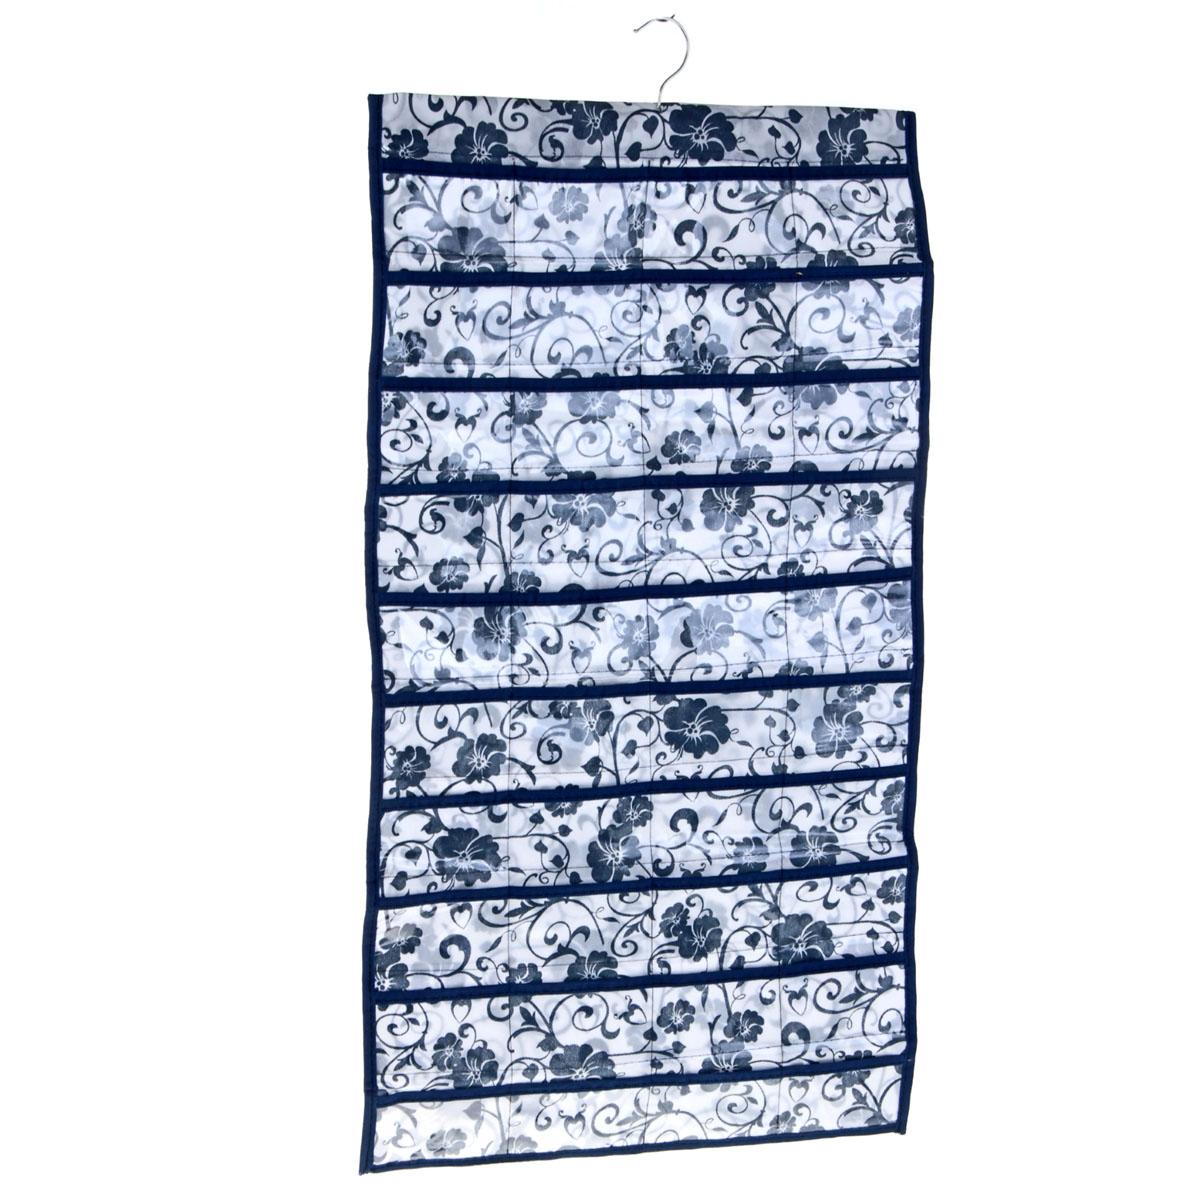 Органайзер для хранения вещей Sima-land с вешалкой, цвет: синий, 80 отделенийTD 0033Органайзер Sima-land, изготовленный из ПВХ и текстиля, предназначен для хранения необходимых вещей, множества мелочей в гардеробной, ванной, детской комнатах. Изделие представляет собой текстильное полотно с 80 пришитыми кармашками. Благодаря металлической вешалке, органайзер можно подвесить на стену или дверь в необходимом для вас месте. Органайзер декорирован цветочным принтом.Этот нужный предмет может стать одновременно и декоративным элементом комнаты. Яркий дизайн, как ничто иное, способен оживить интерьер вашего дома.